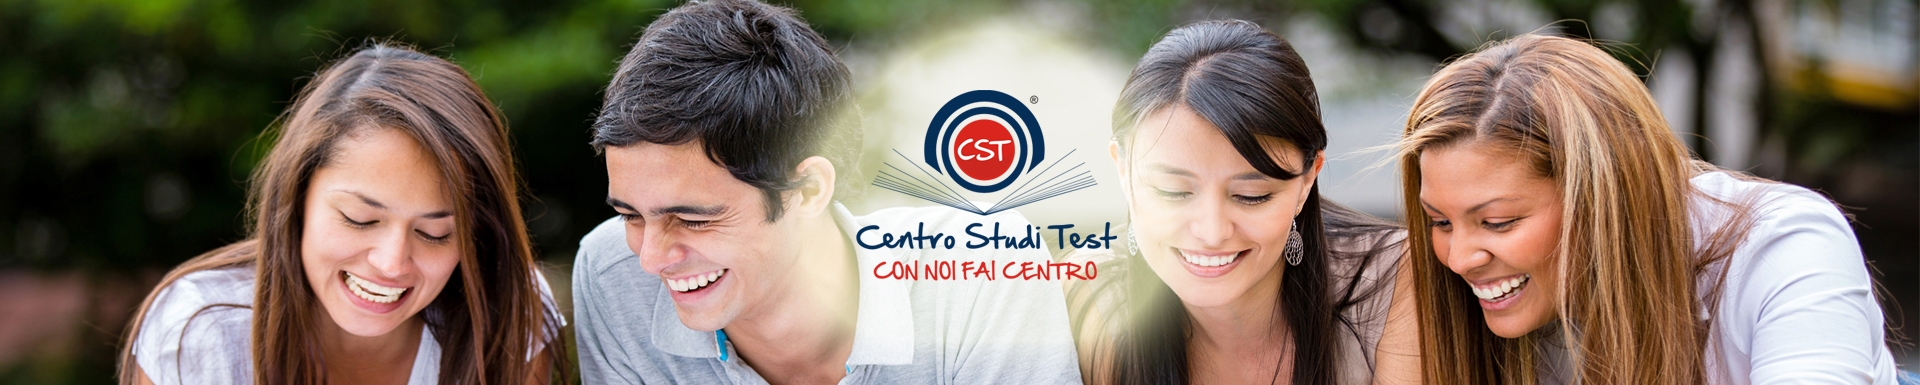 Blog Centro Studi Test-Banner